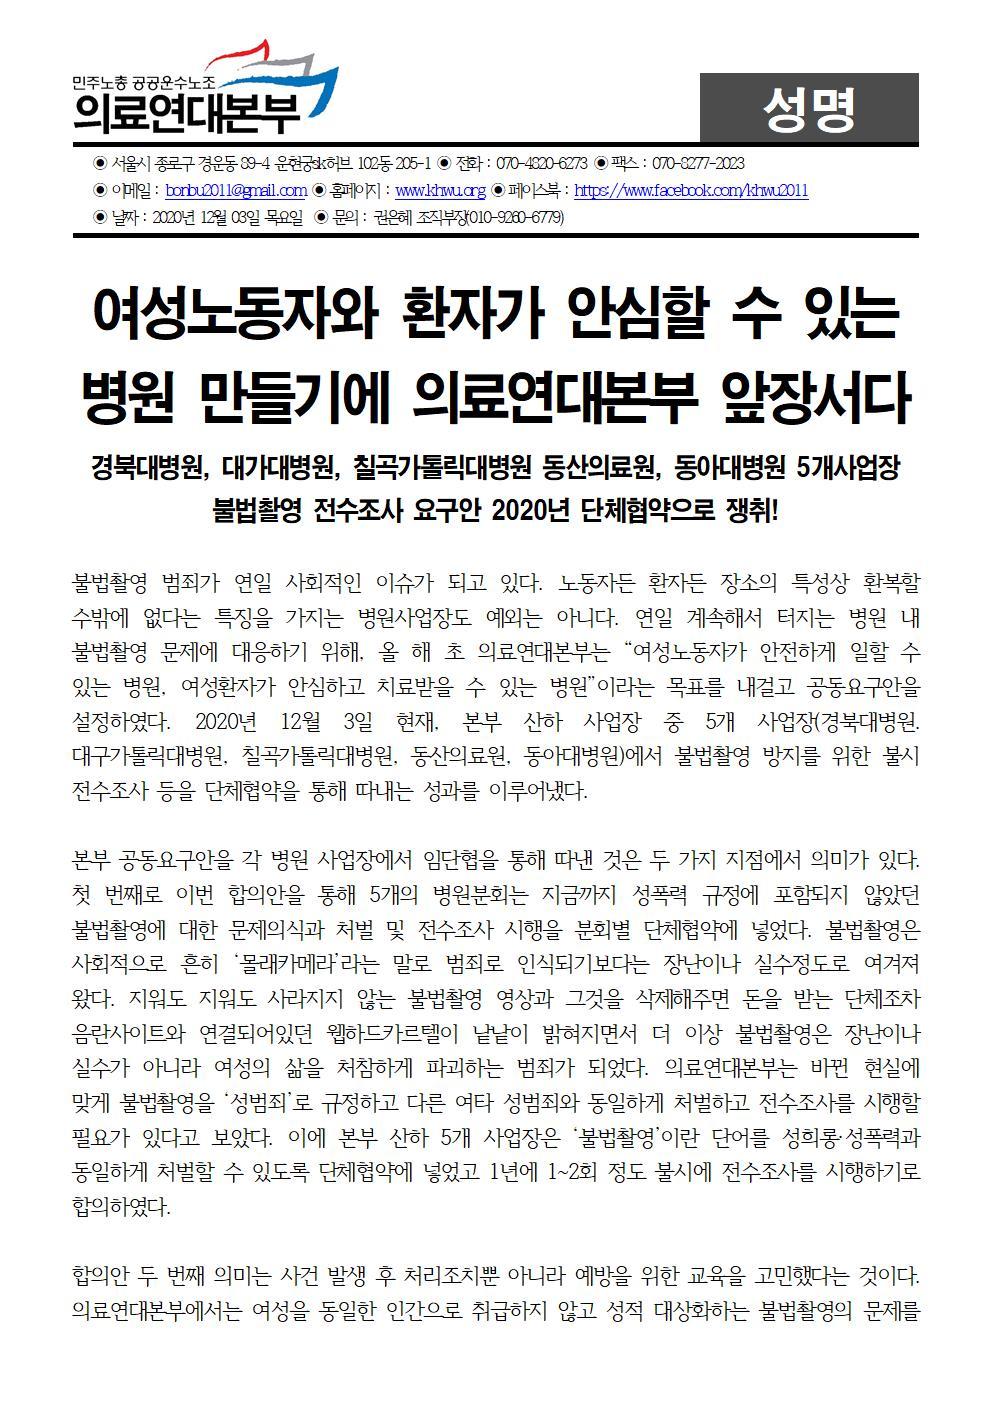 20201203_[성명]임단협 불법촬영 타결001.jpg